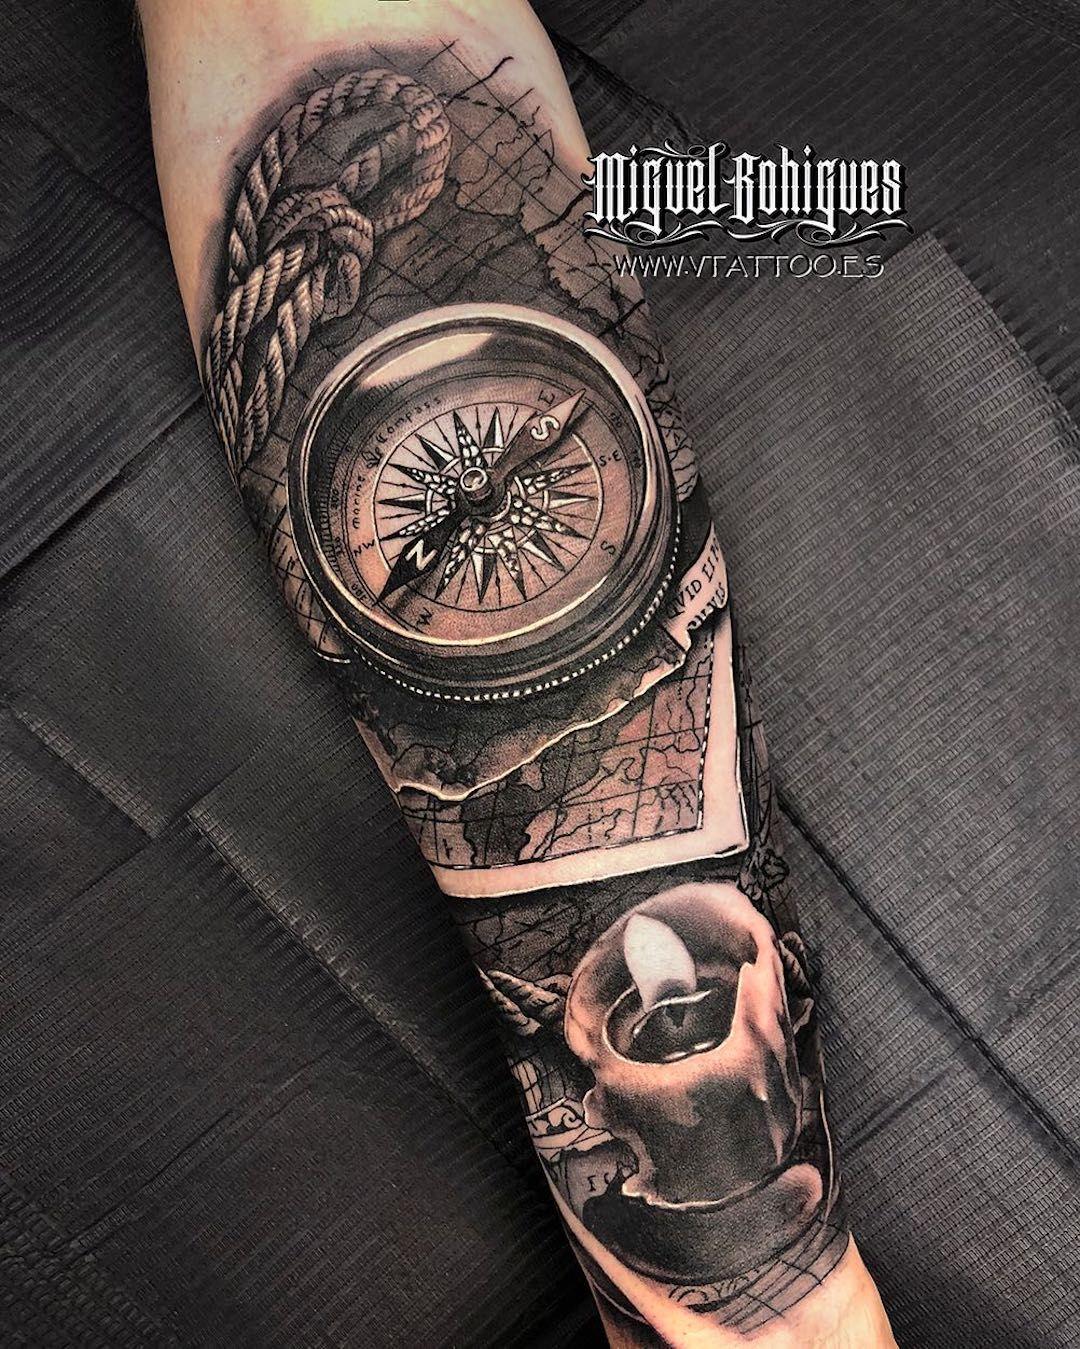 Tatuaje De Miguel Bohigues En V Tattoo Estudio De Tatuajes En